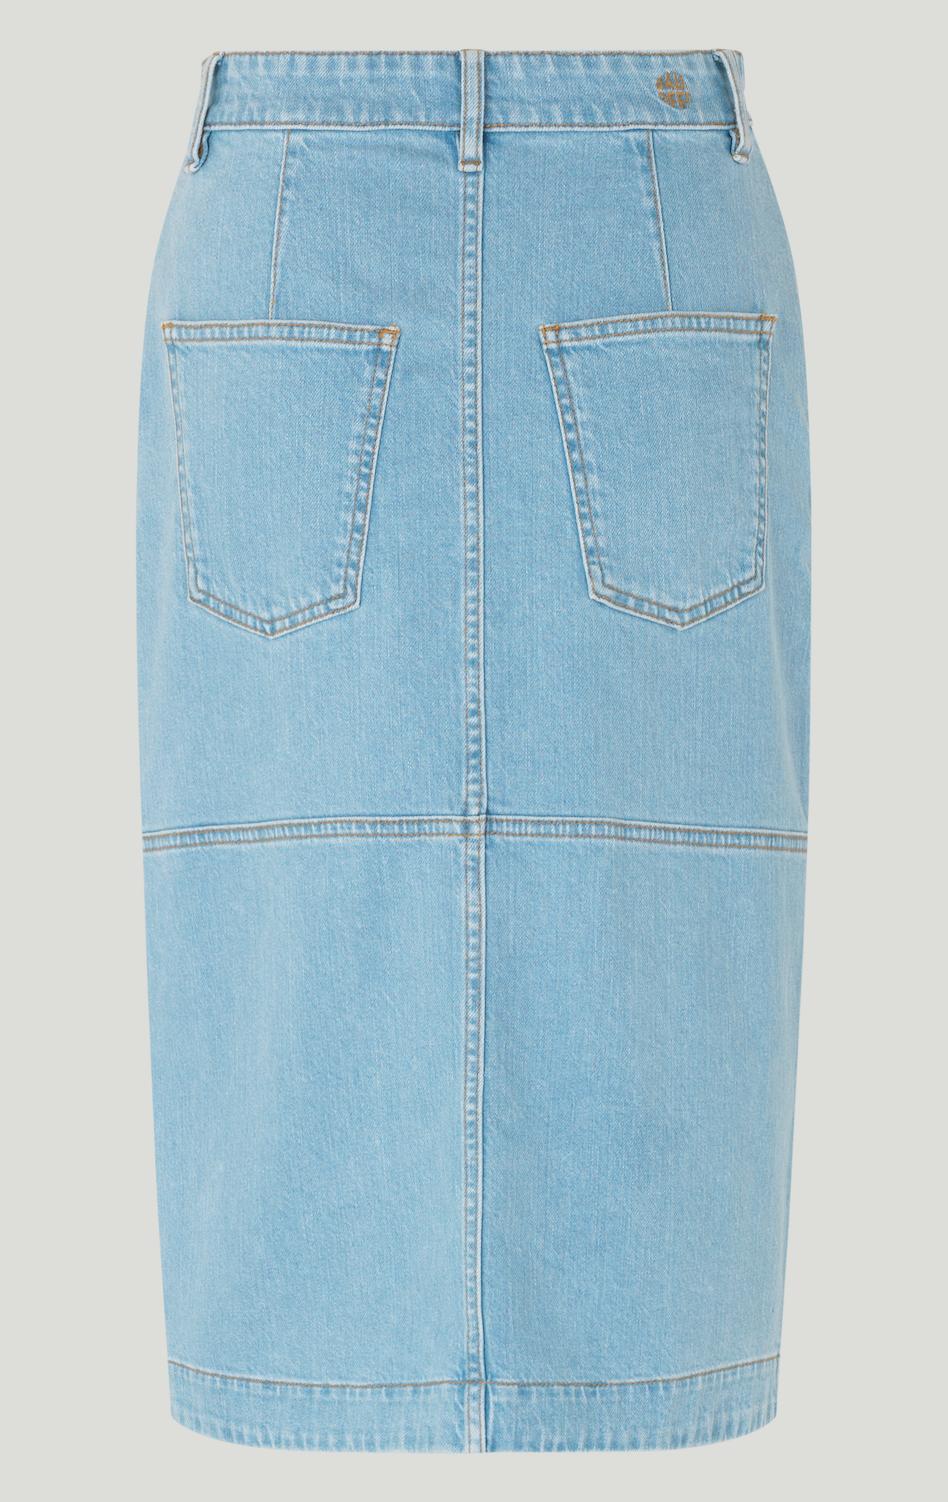 Sophia jeans skirt-3